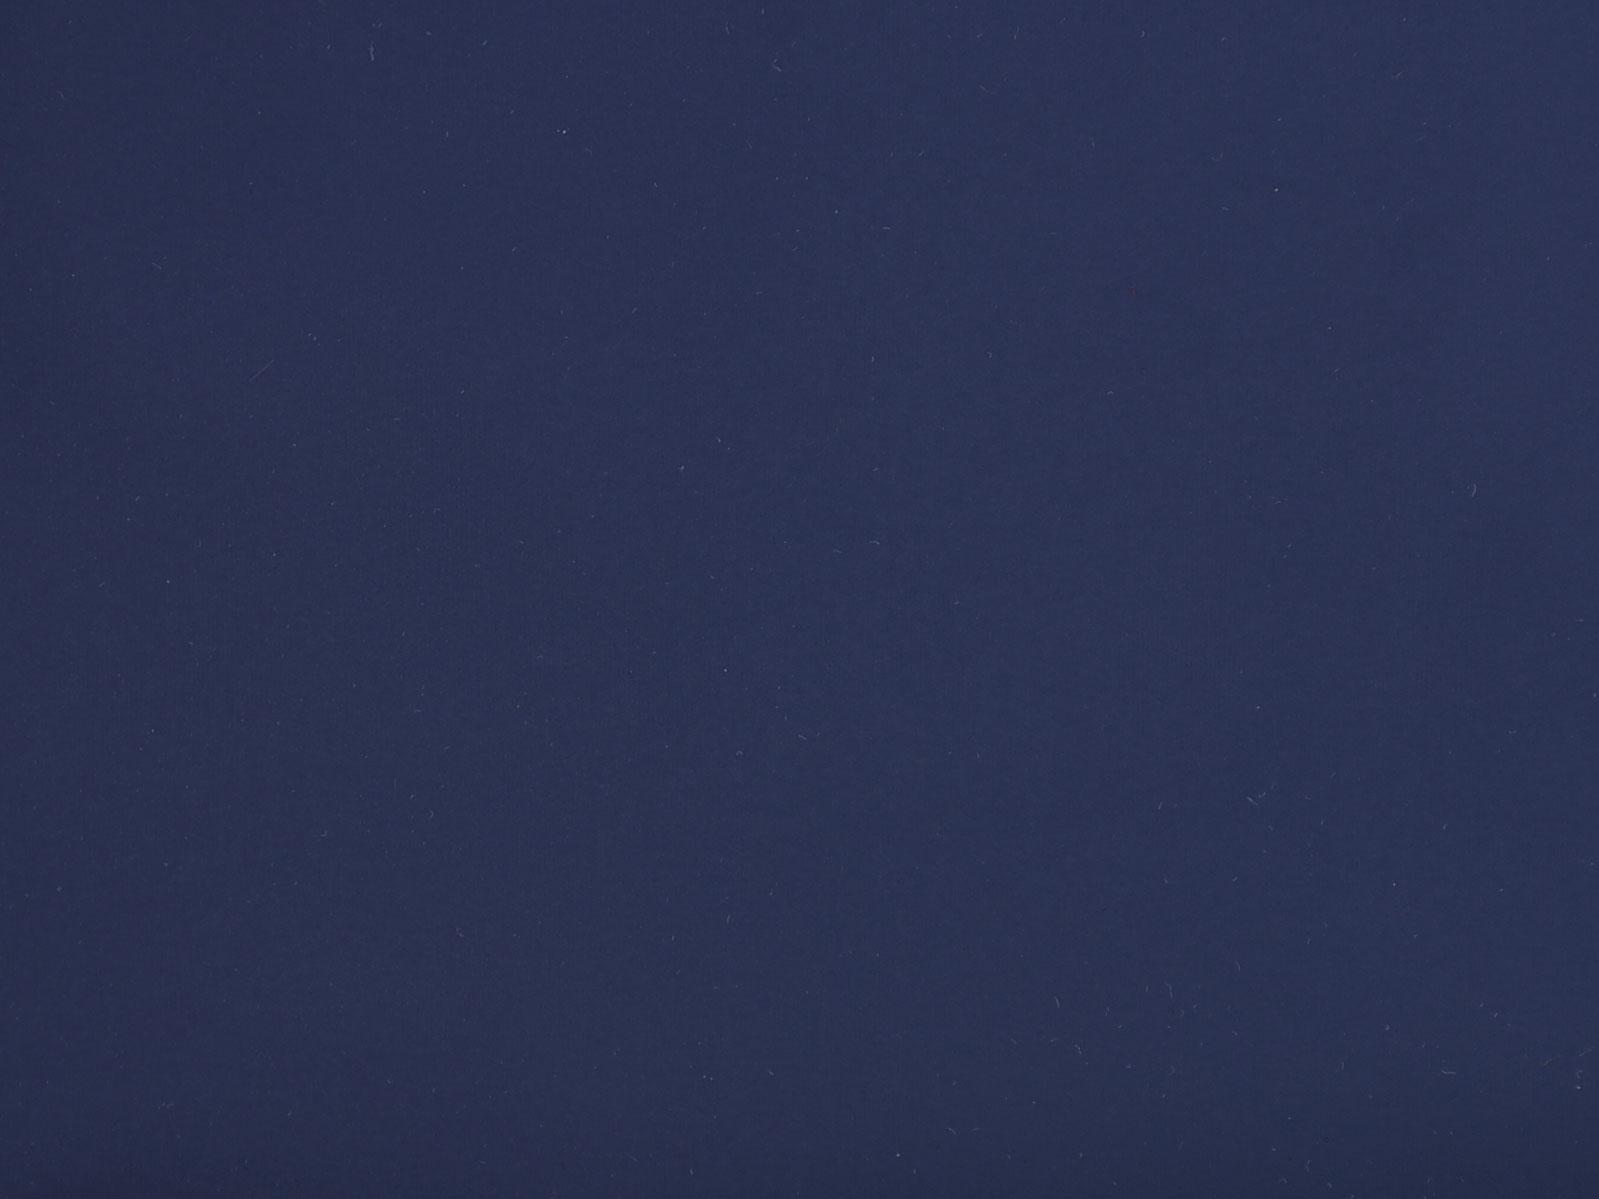 RegenmantelstoffDunkelblau Wunderland Stoffe RegenmantelstoffDunkelblau Wunderland Der Stoffe Der Wunderland RegenmantelstoffDunkelblau RegenmantelstoffDunkelblau Der Stoffe 1KTlc3JF